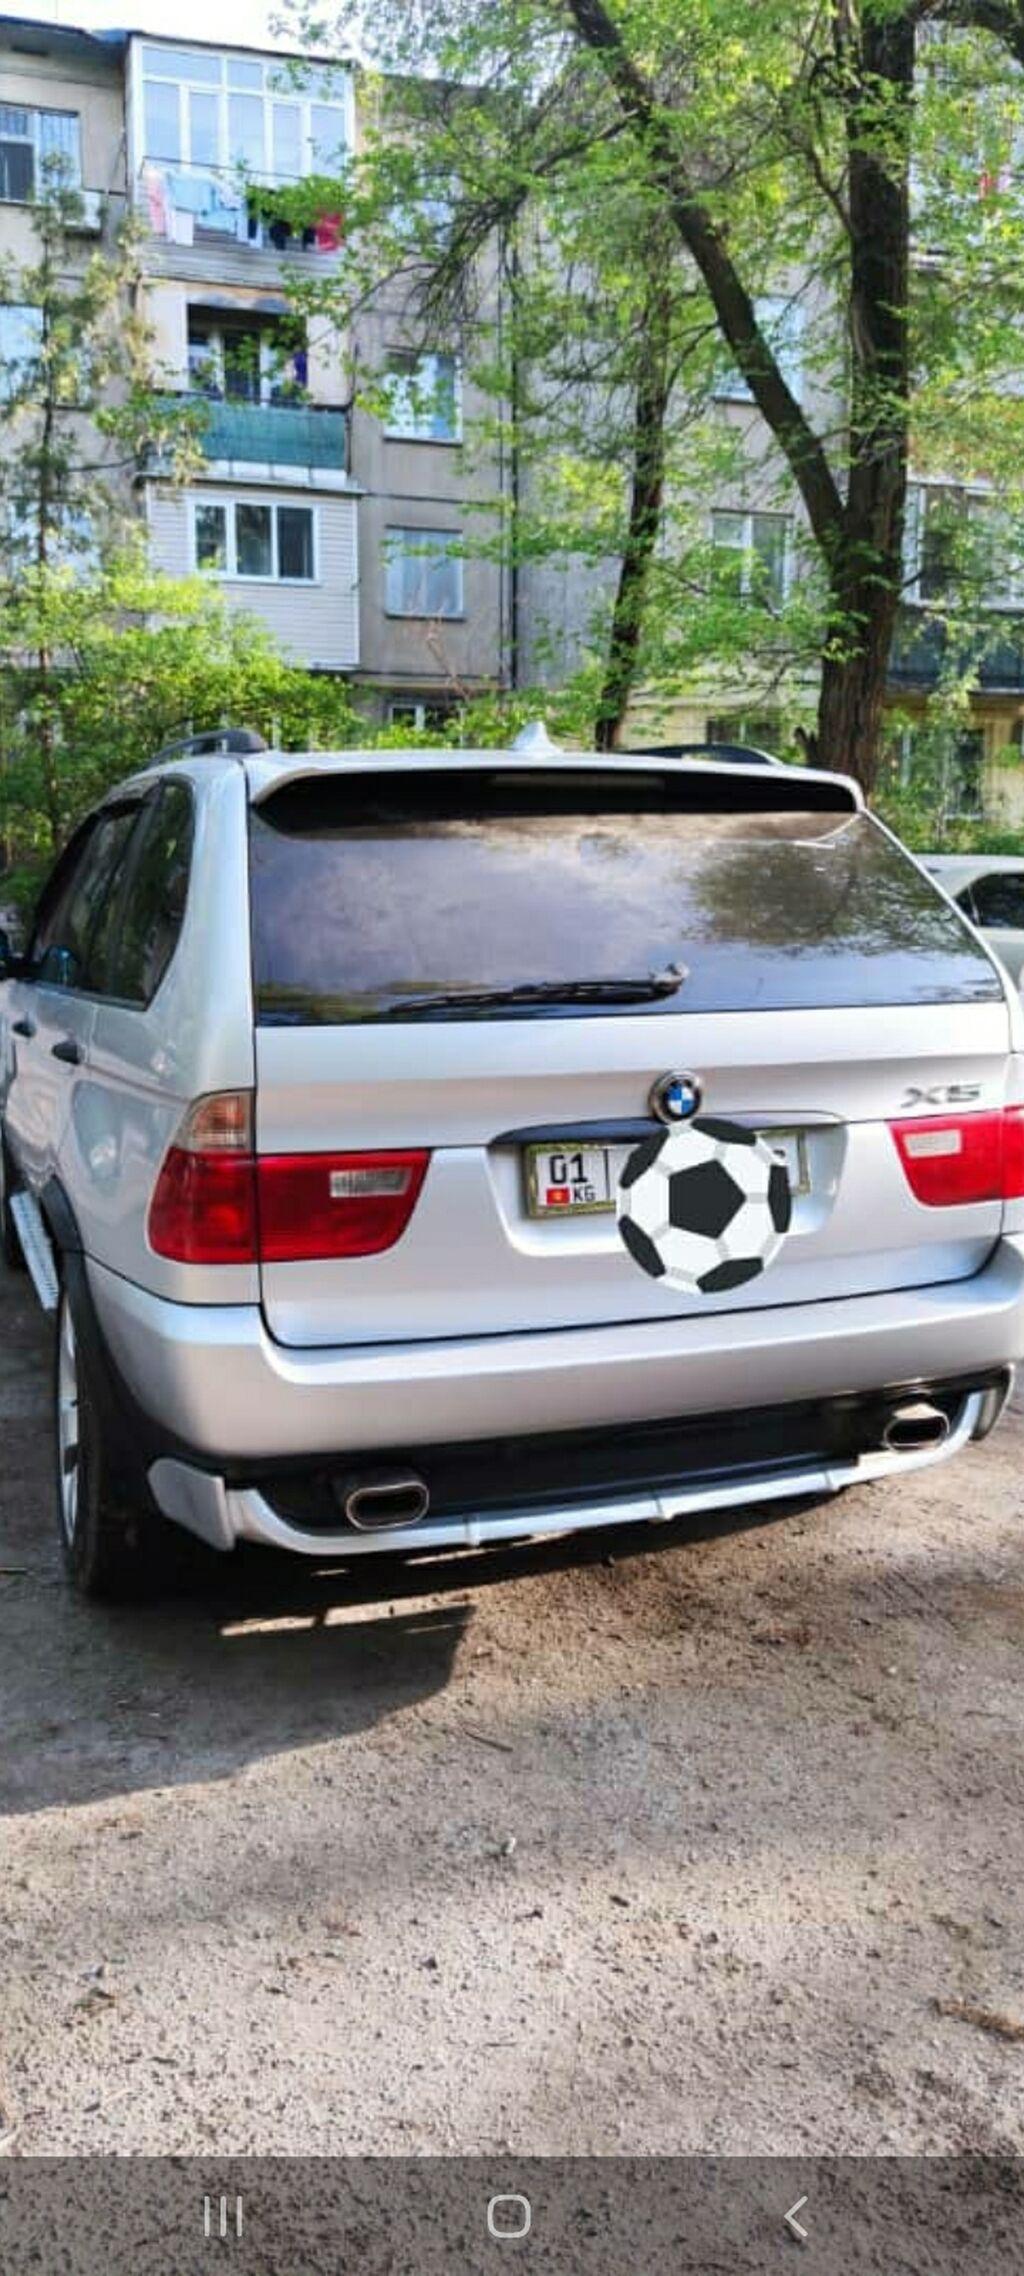 BMW X5 3 л. 2005: BMW X5 3 л. 2005